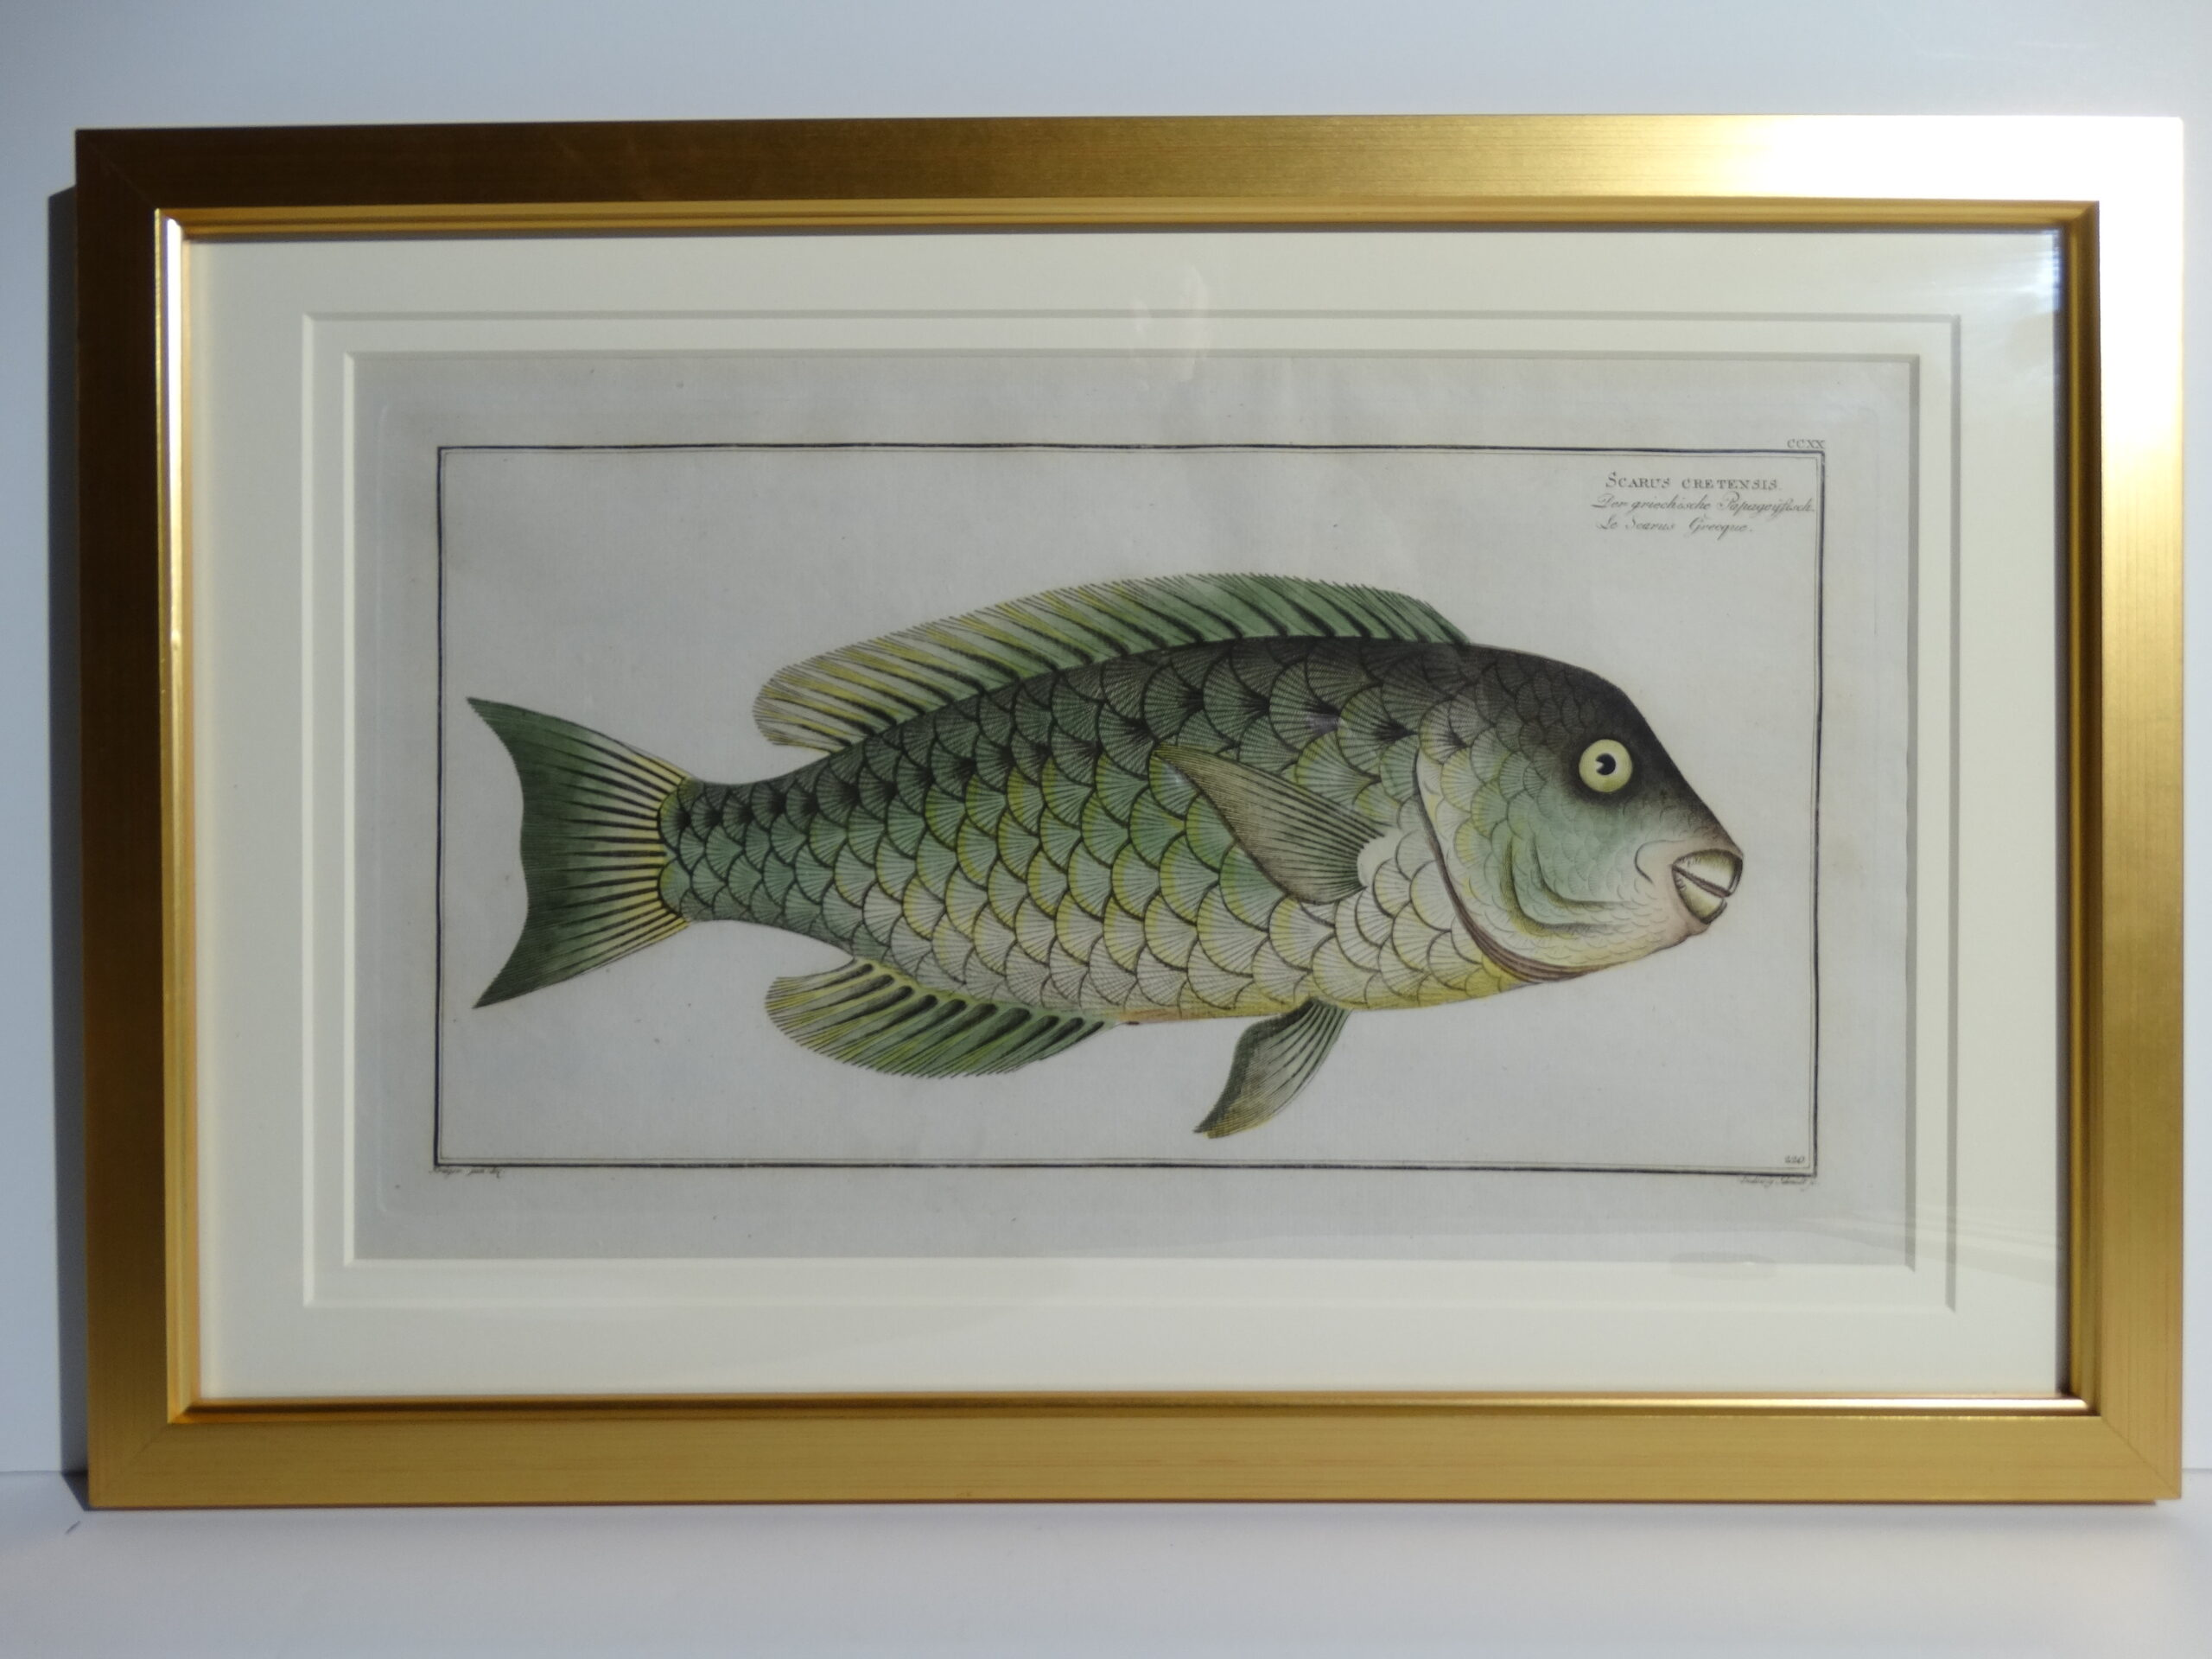 Bloch Fish Engraving Framed1